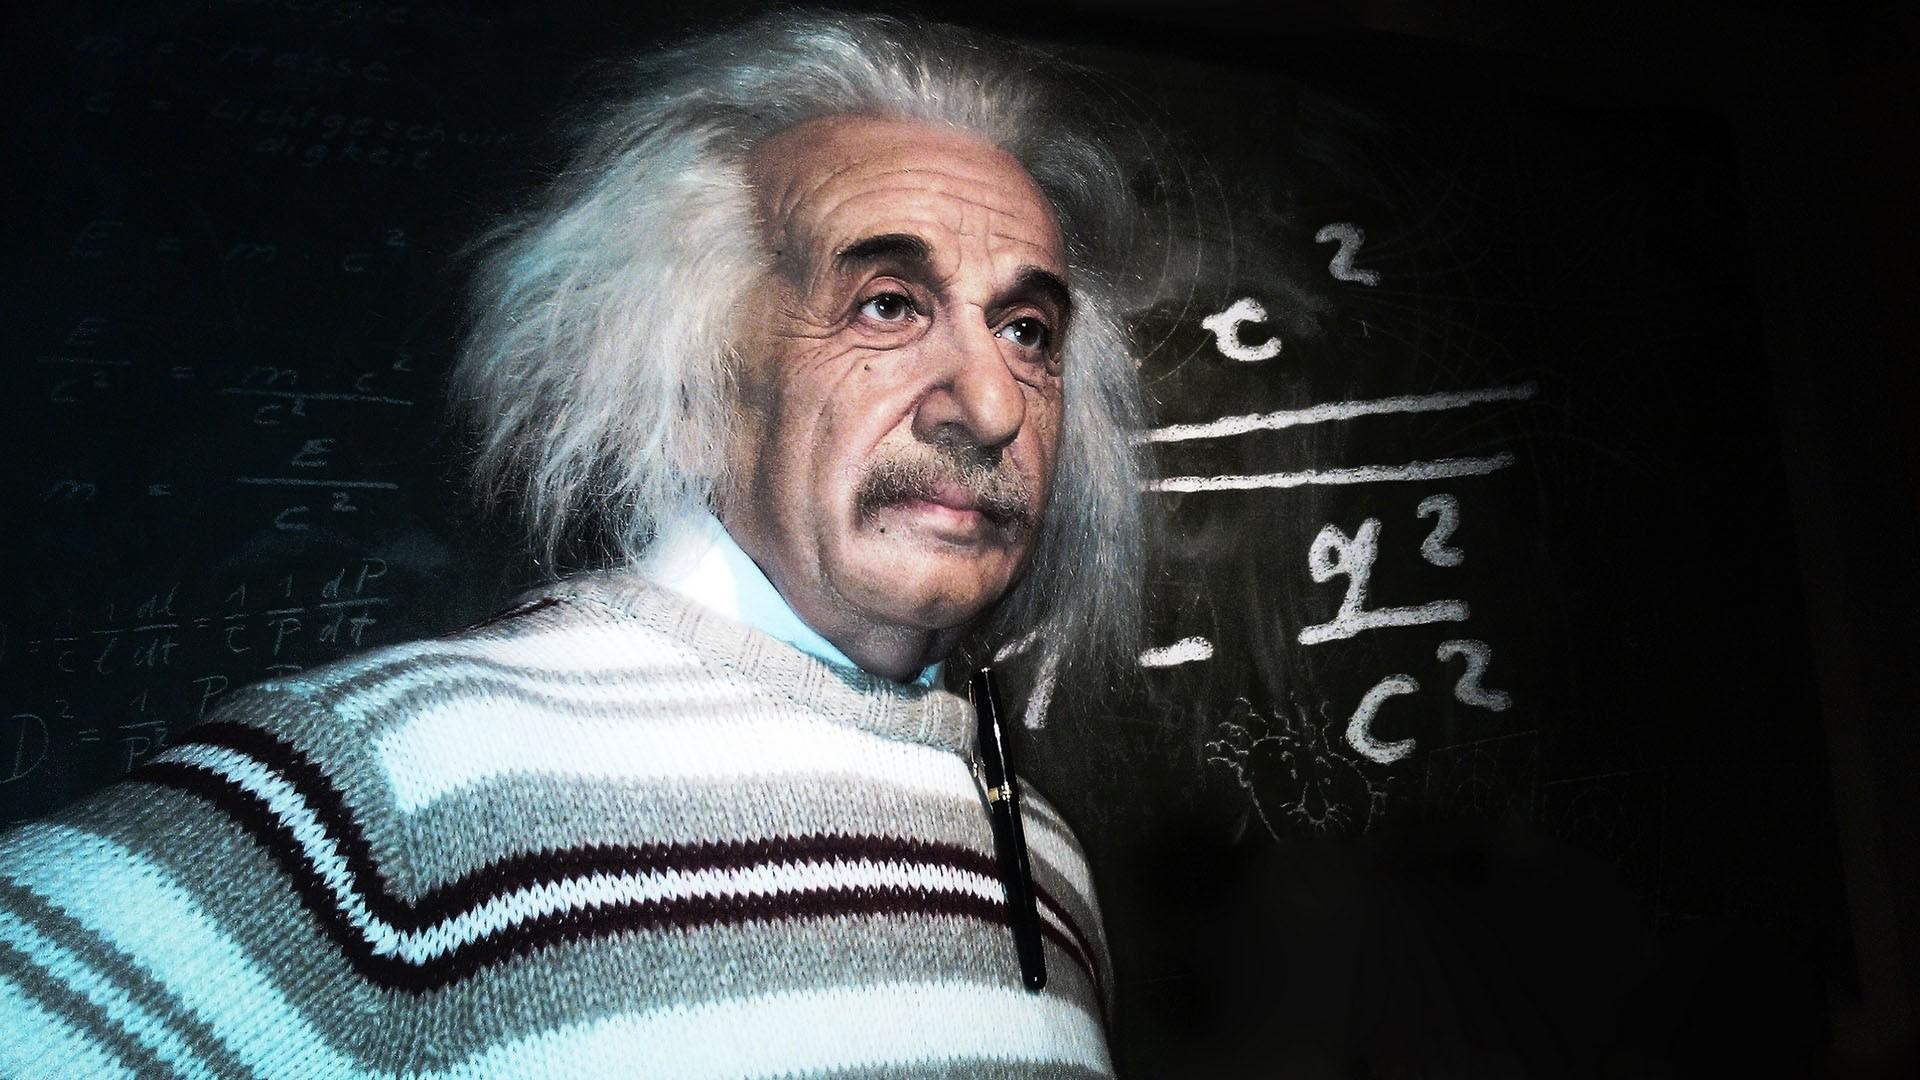 Albert Einstein computer wallpaper